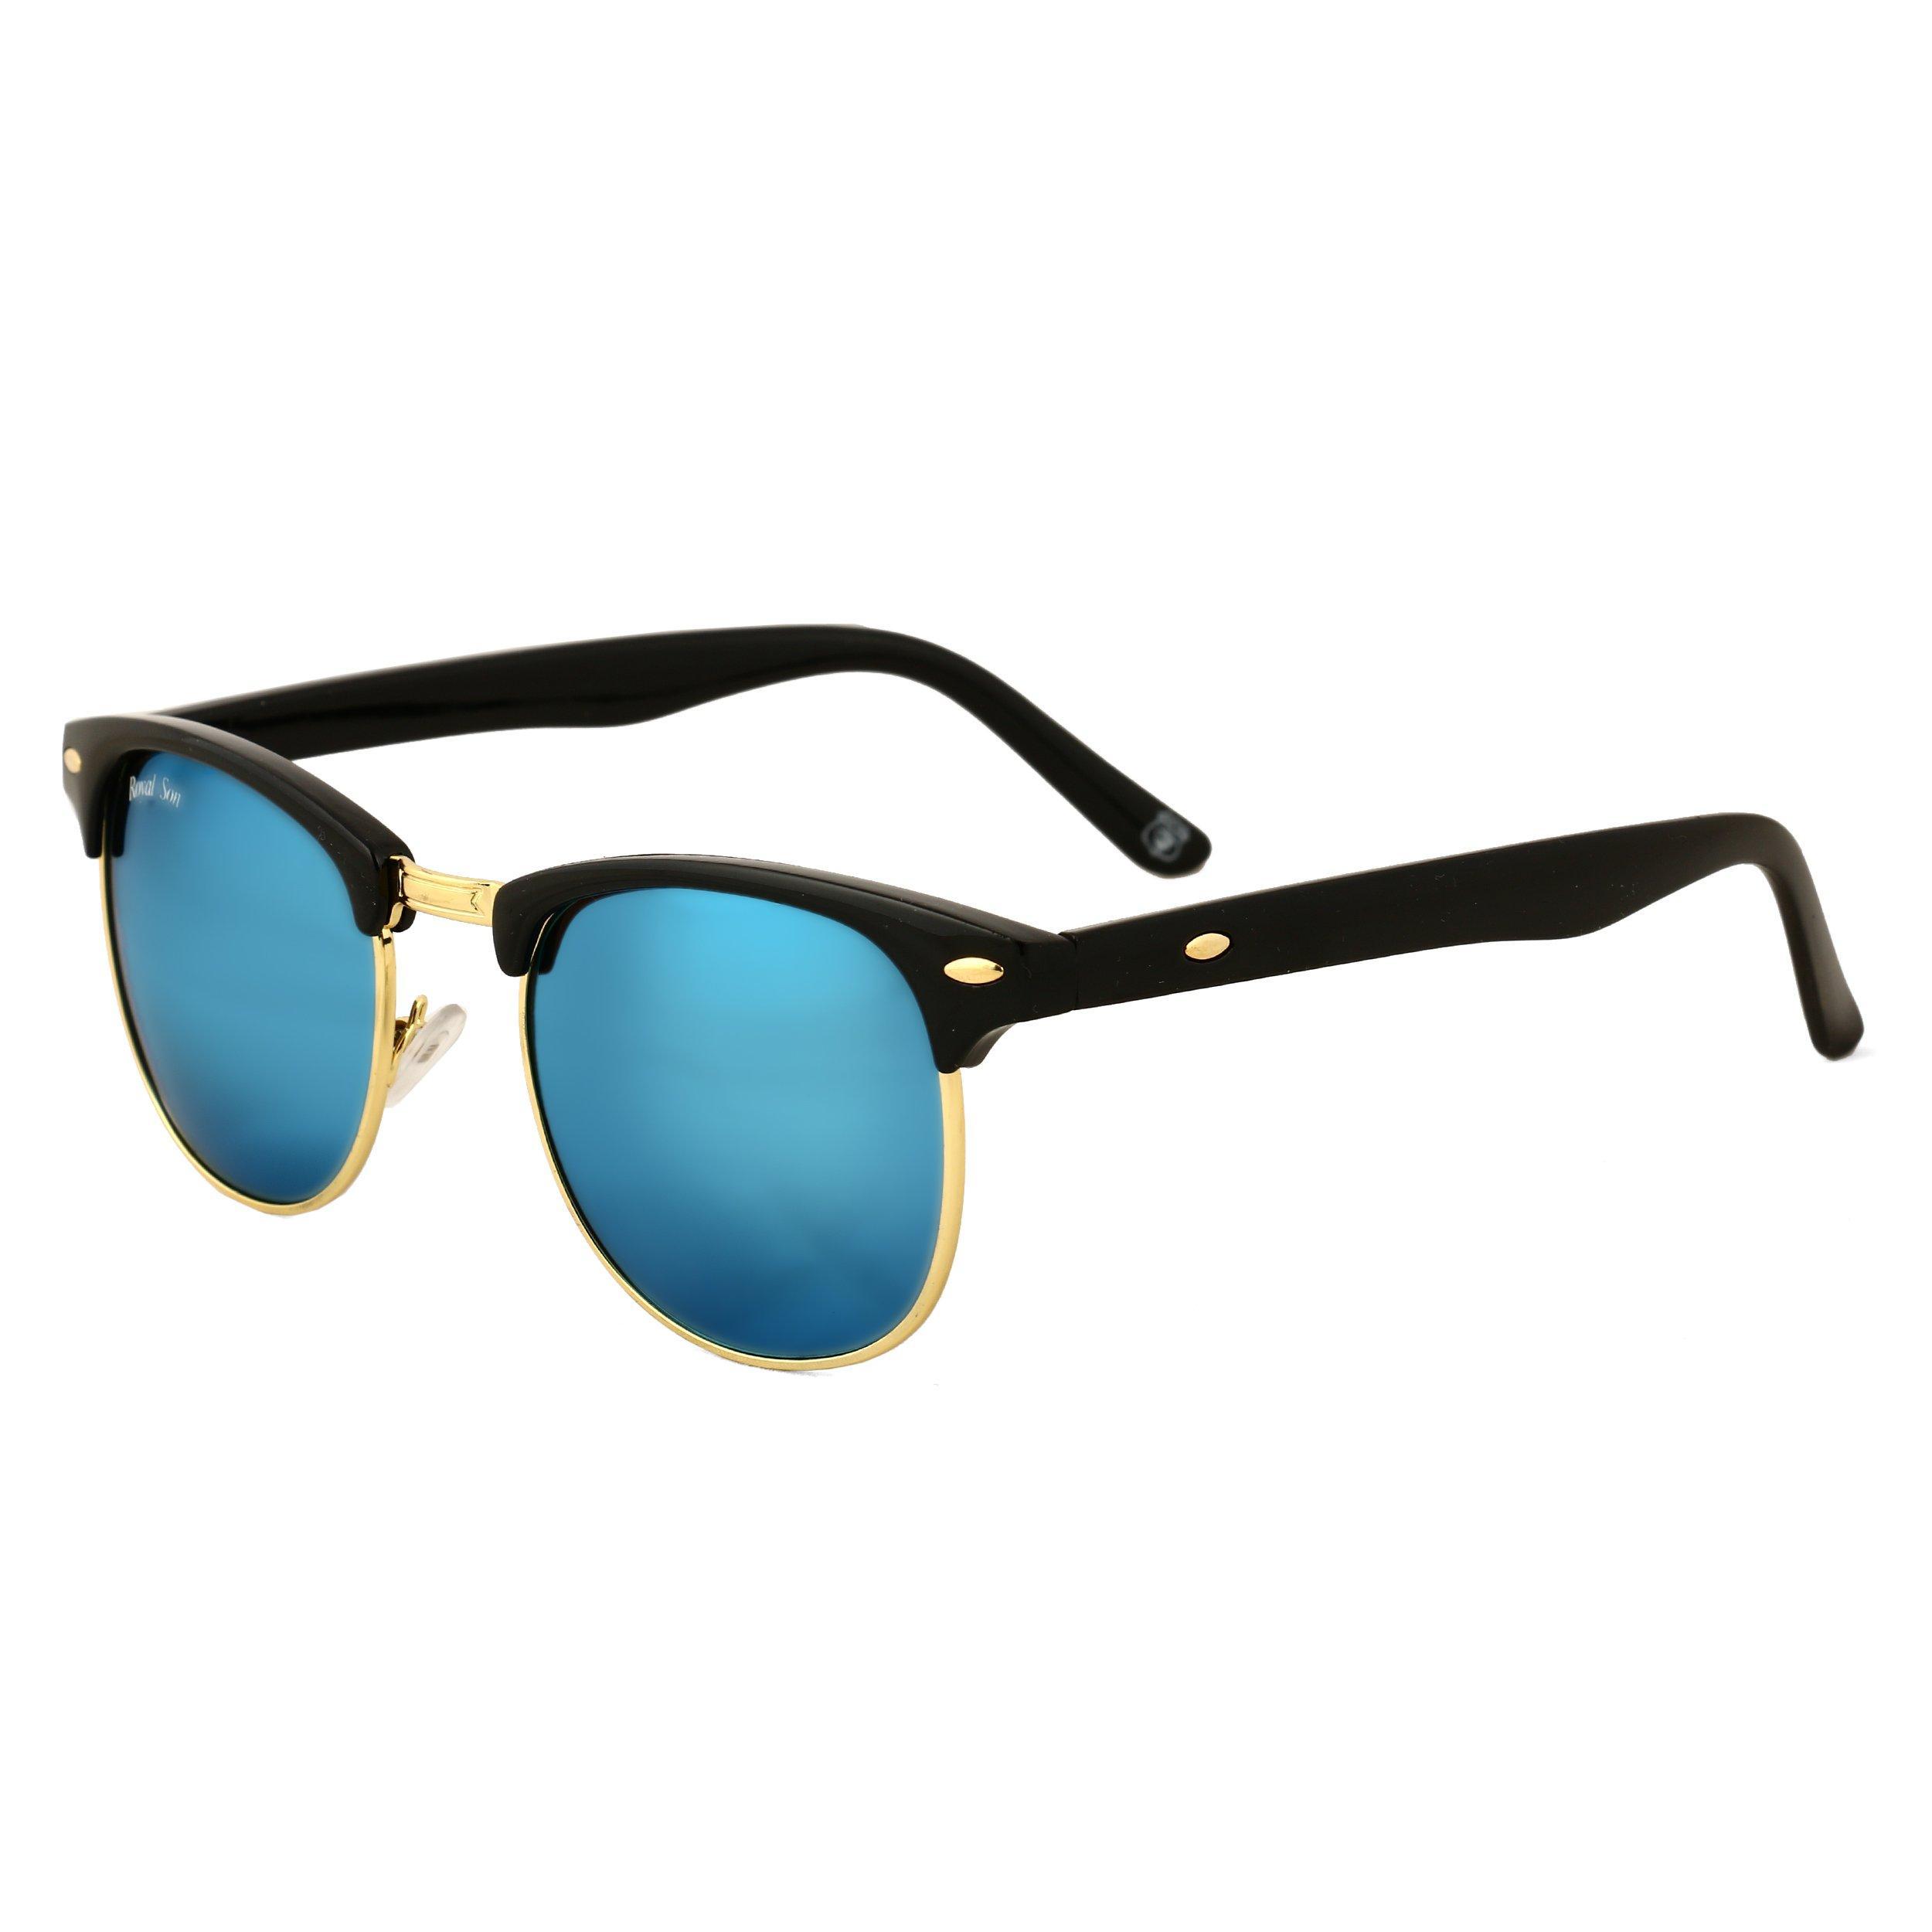 460e175f740 Clubmaster Round Unisex Sunglasses - SeenIt